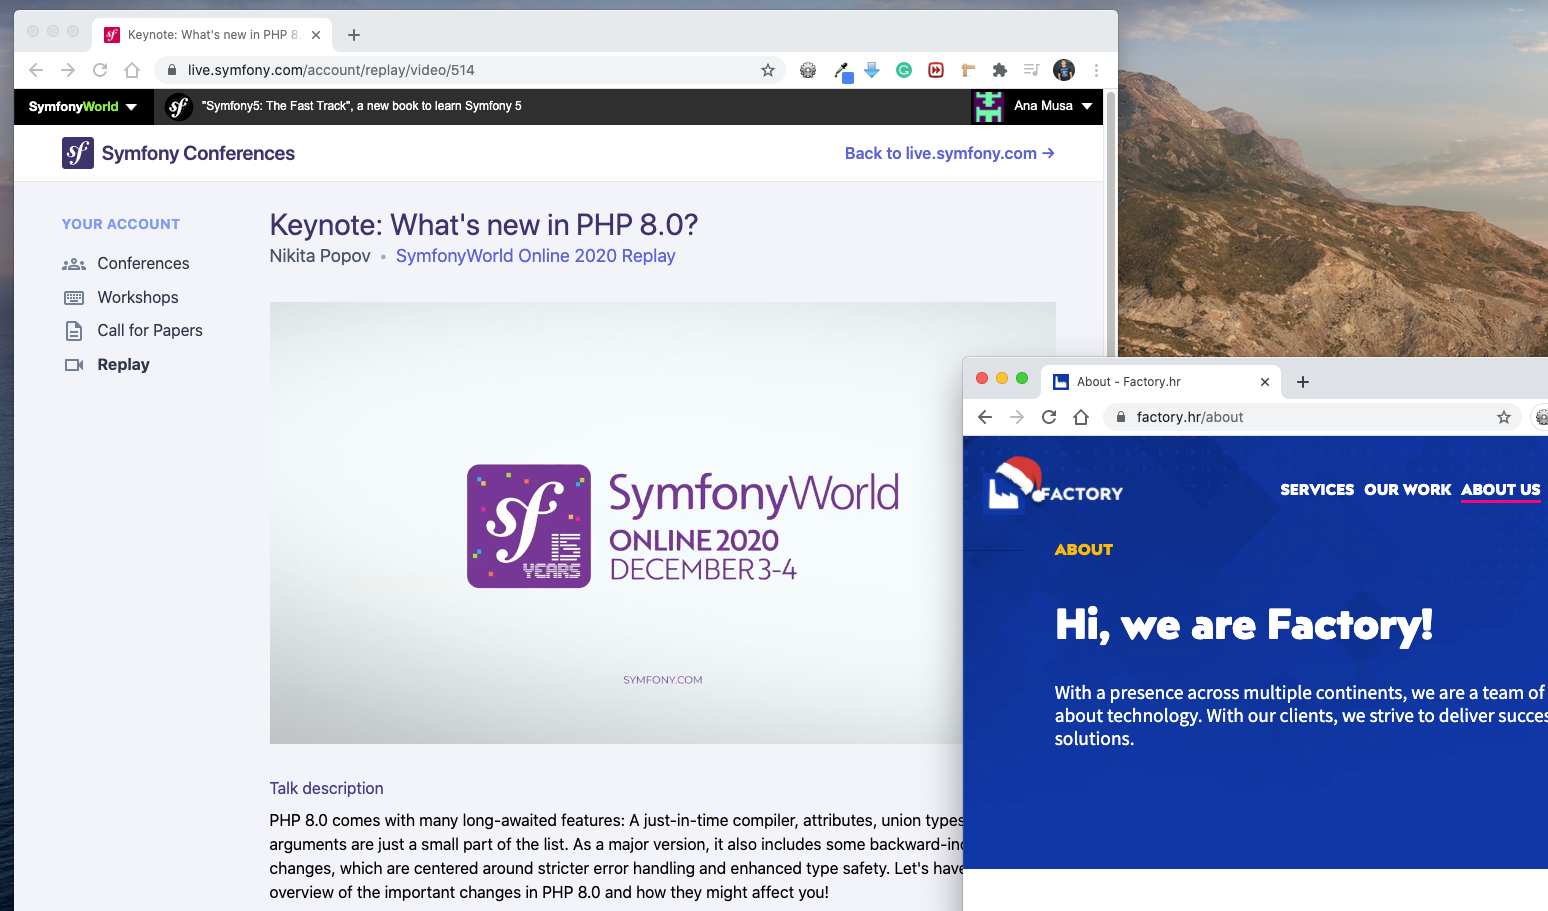 Iskustva - Symfony online konferencija 2020